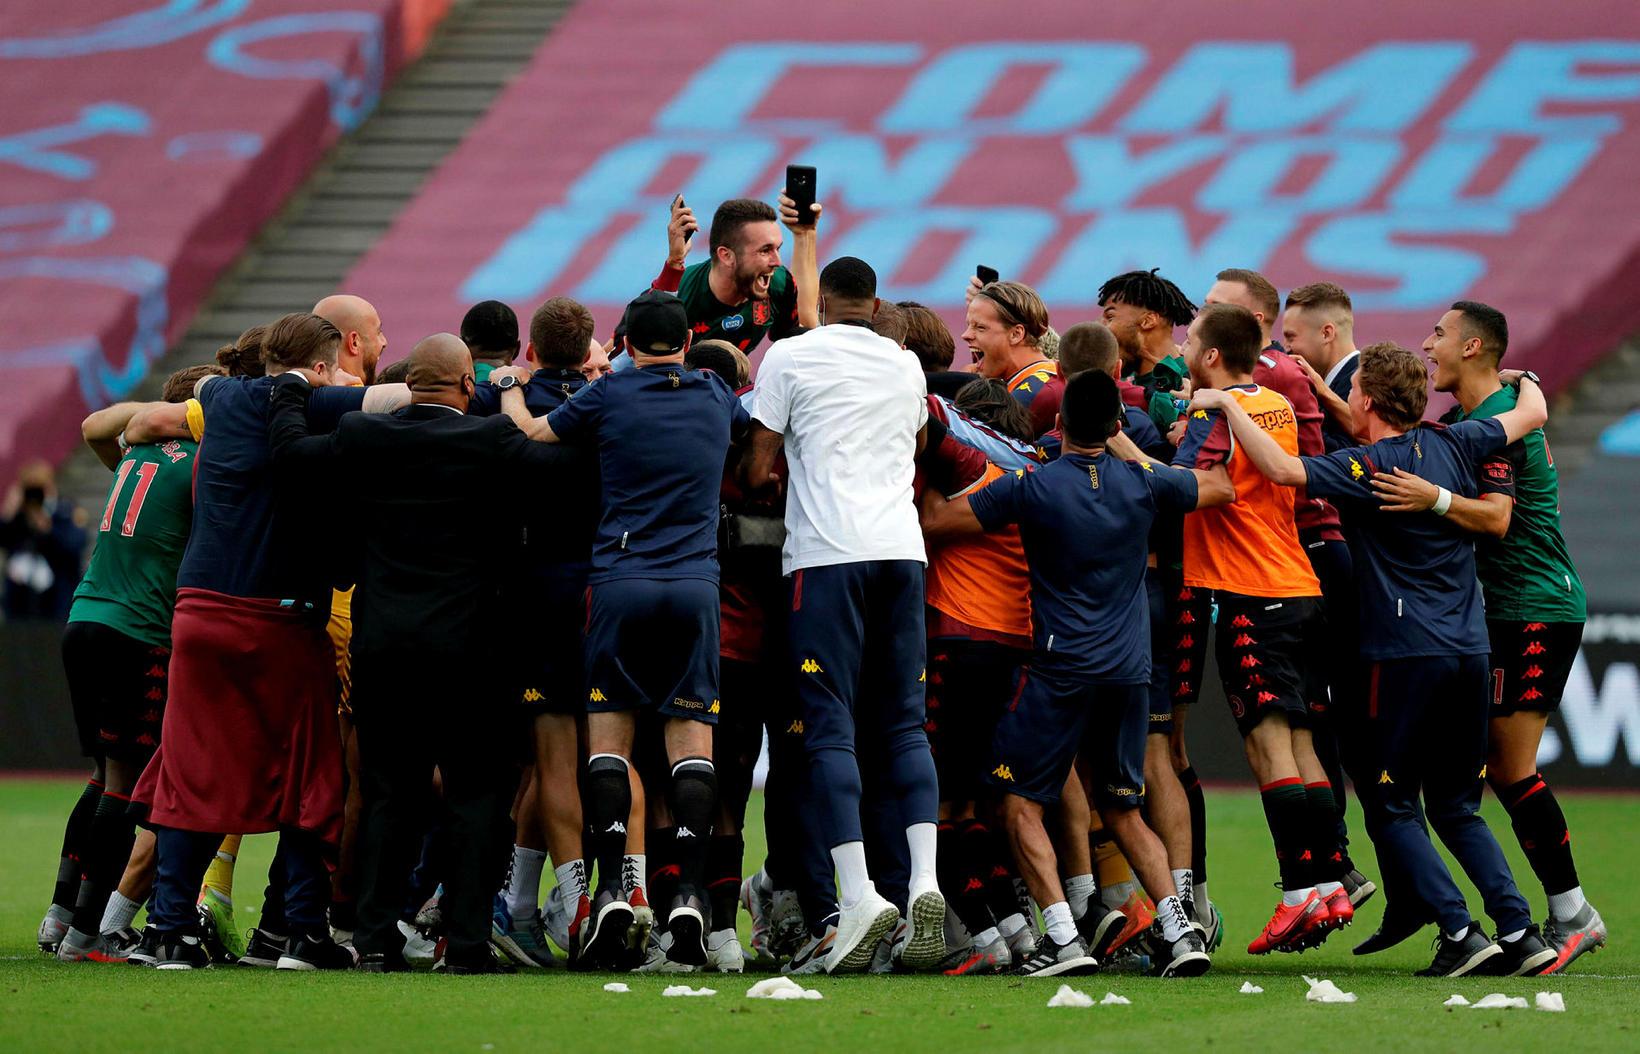 Leikmenn og þjálfarar Aston Villa fagna innilega.